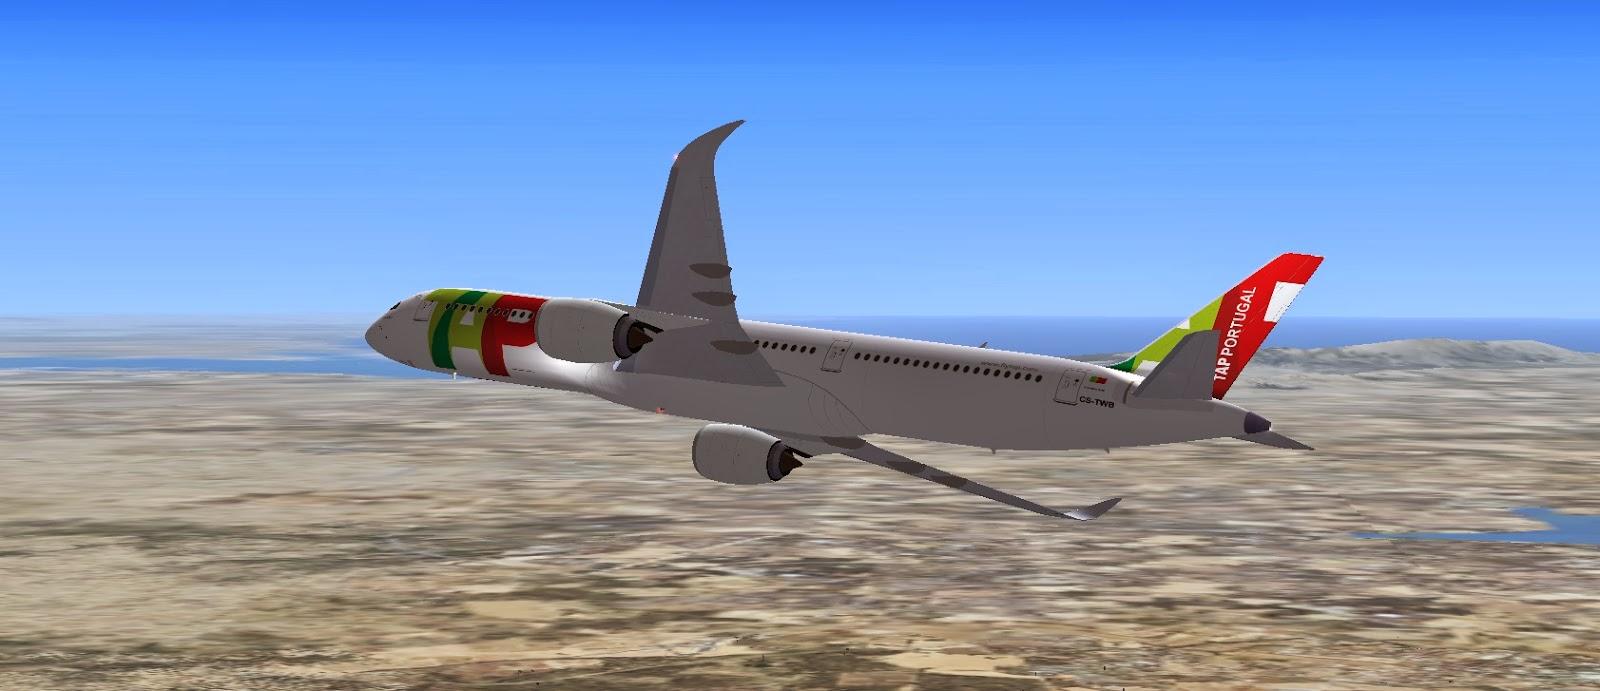 A330 tap fsx download free